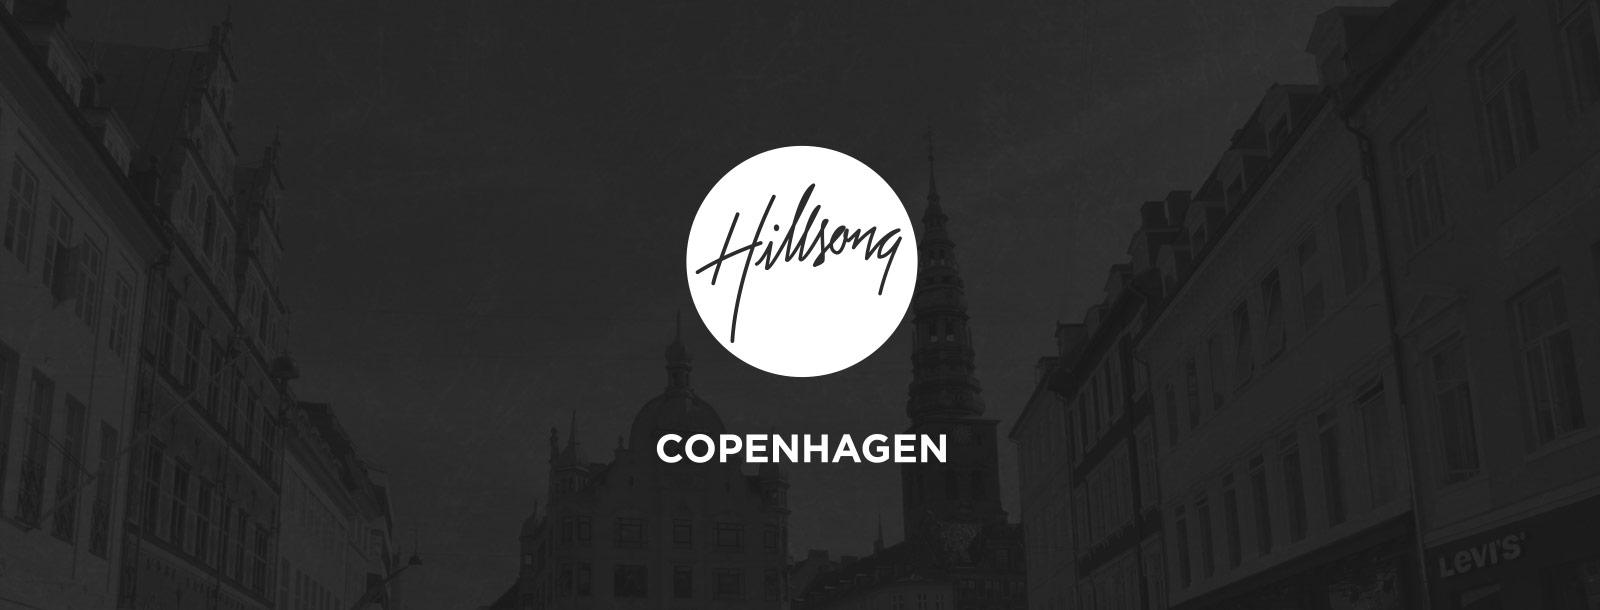 Hillsong Church Copenhagen